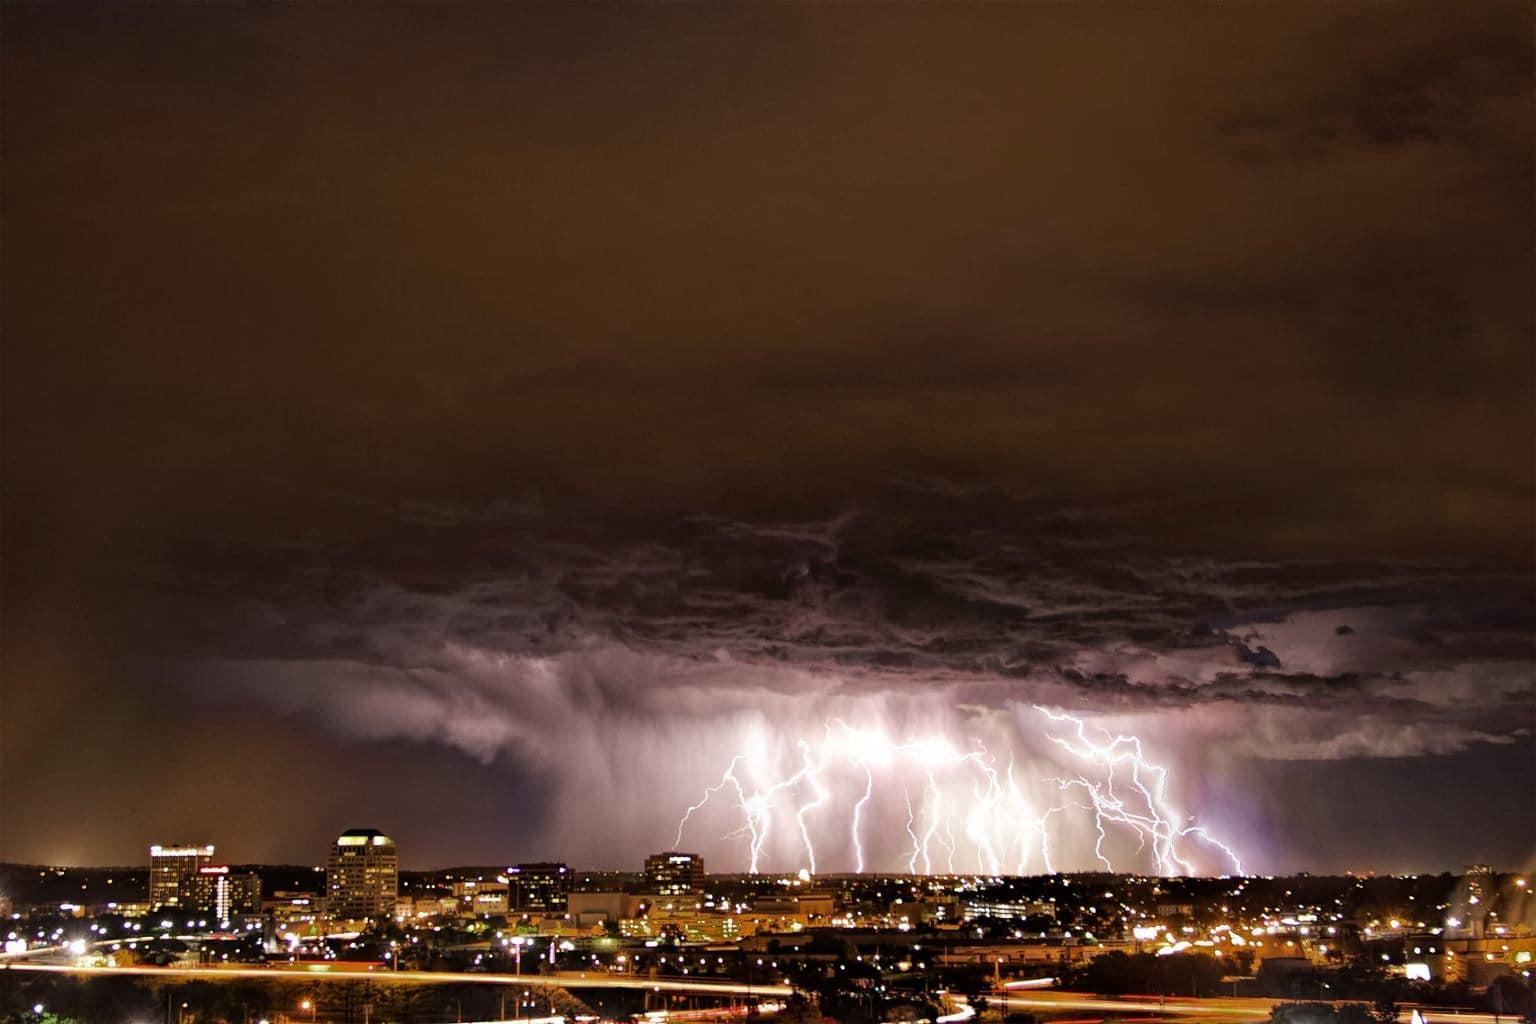 A storm passing thru Colorado Springs provided quite a lightning show.